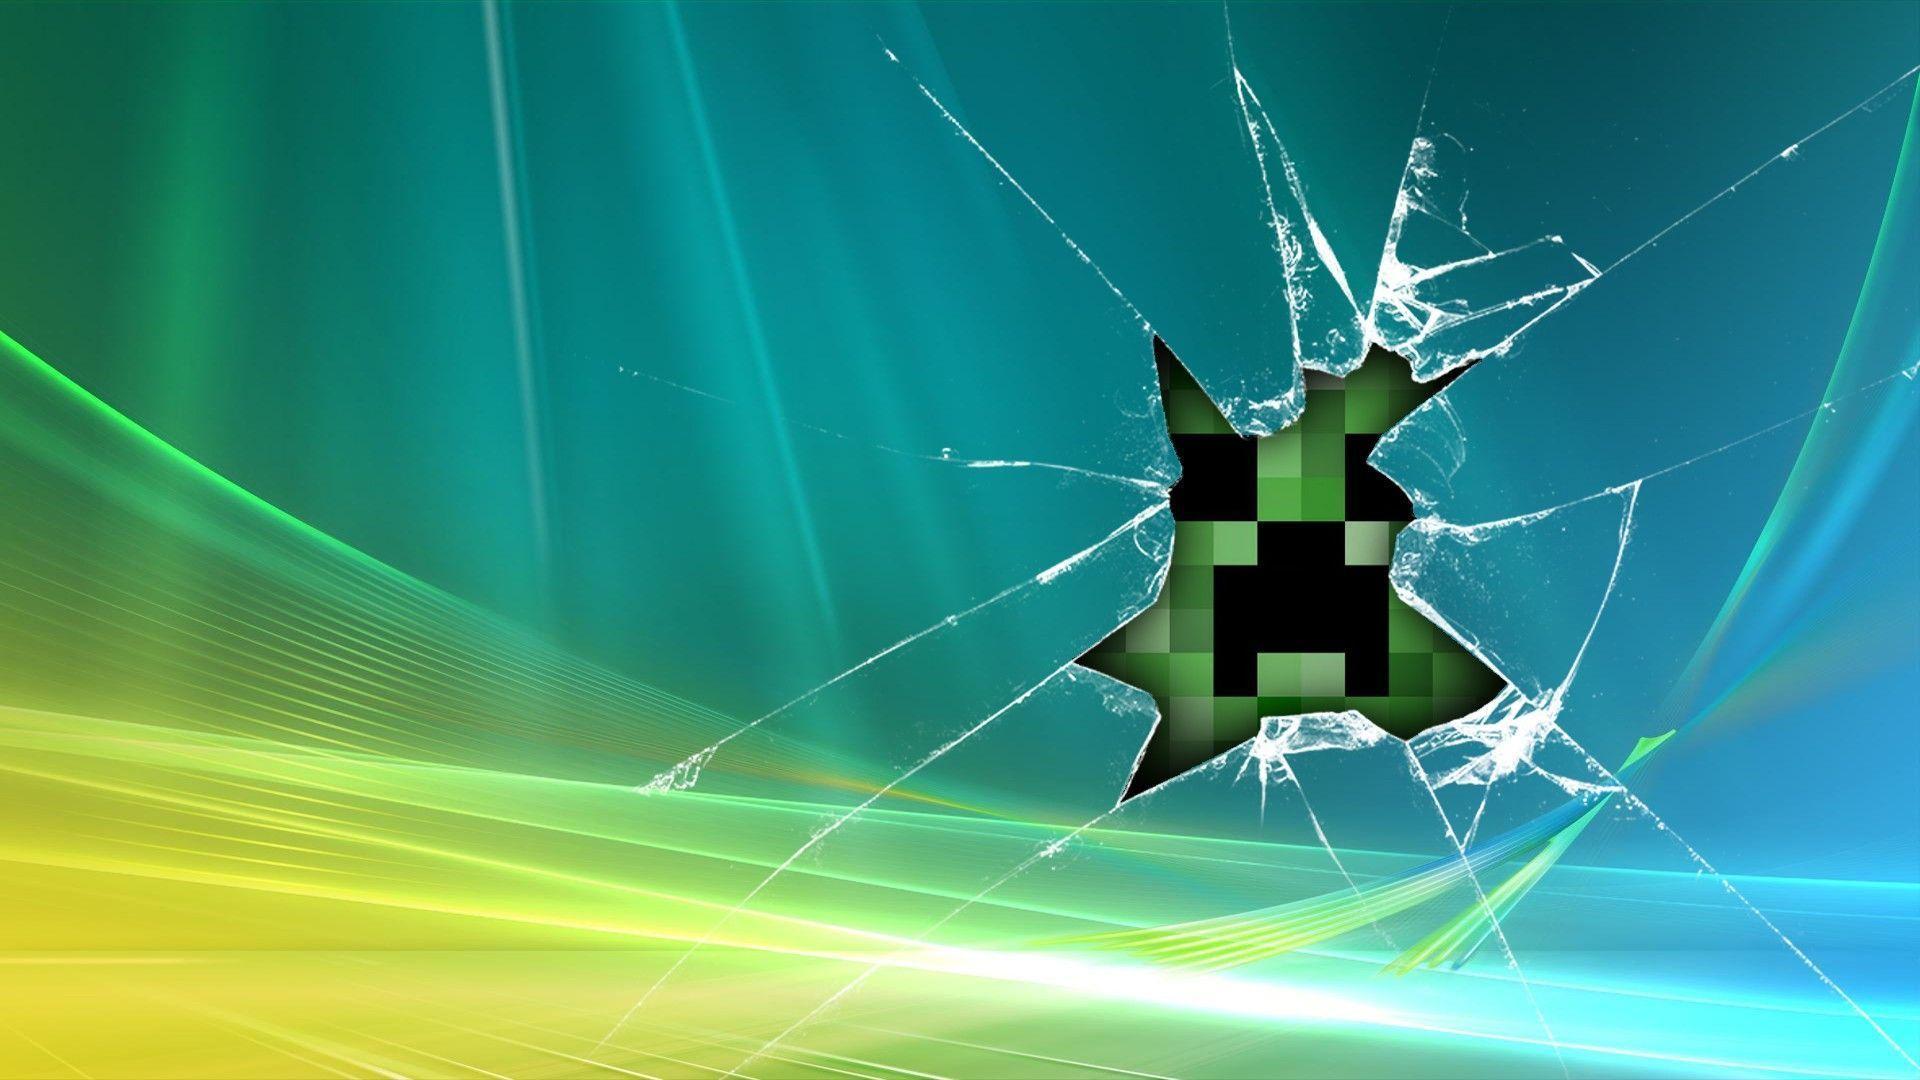 Fantastic Wallpaper Minecraft Windows 8 - 0nVirdB  Gallery_646688.jpg